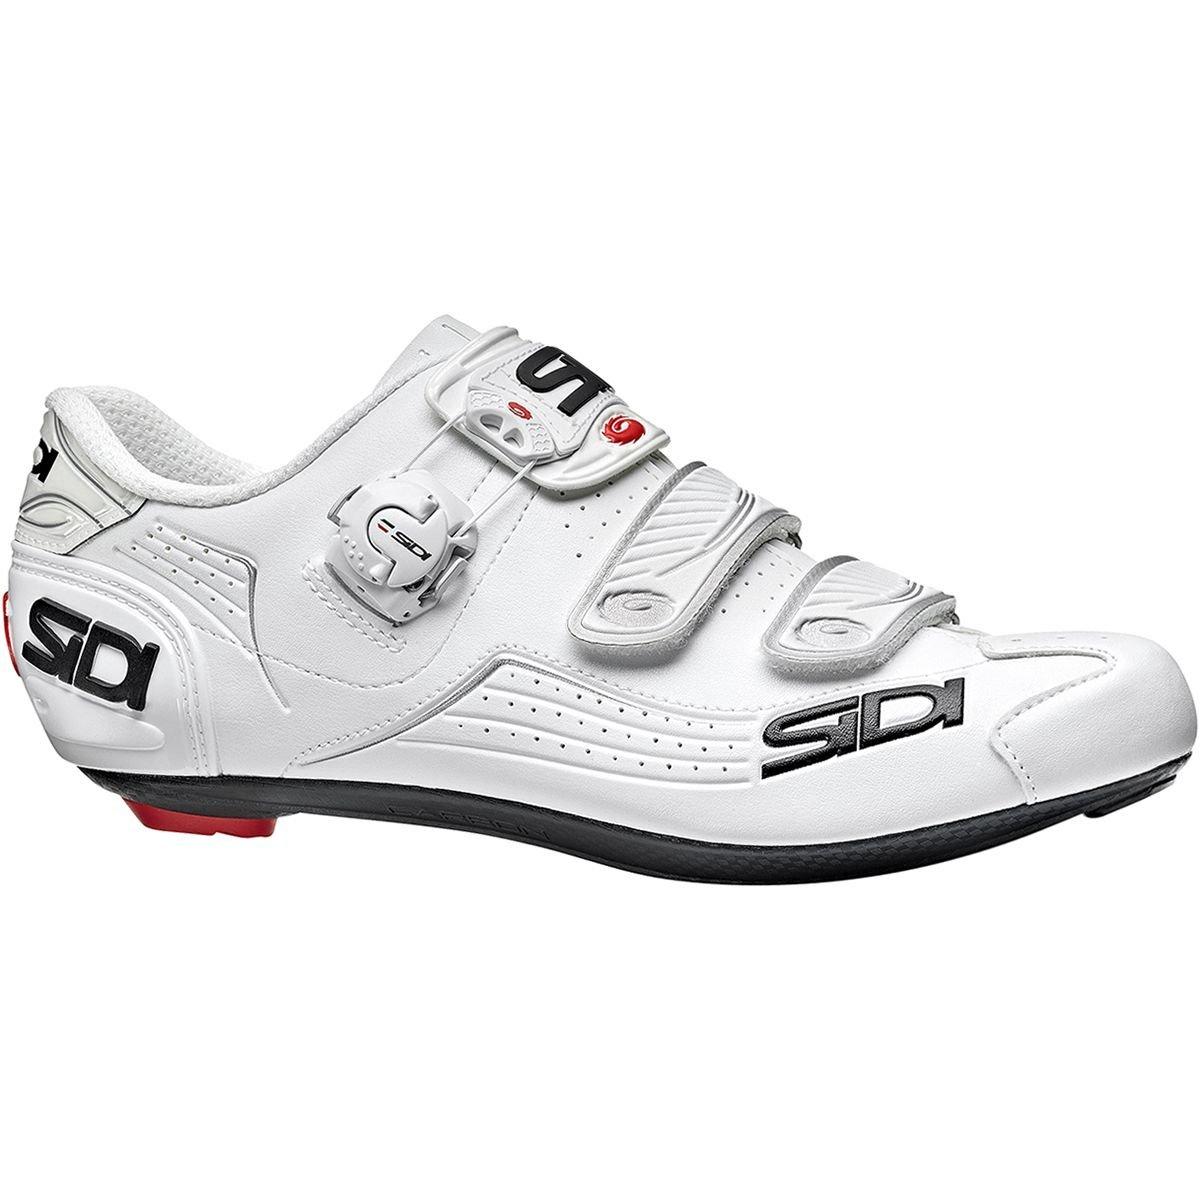 【超安い】 (シディ) Sidi Sidi Alba Carbon (43) White Cycling Shoe メンズ ロードバイクシューズWhite [並行輸入品] 日本サイズ 27.5cm (43) White B07GFB9NDC, 水海道市:56554331 --- by.specpricep.ru